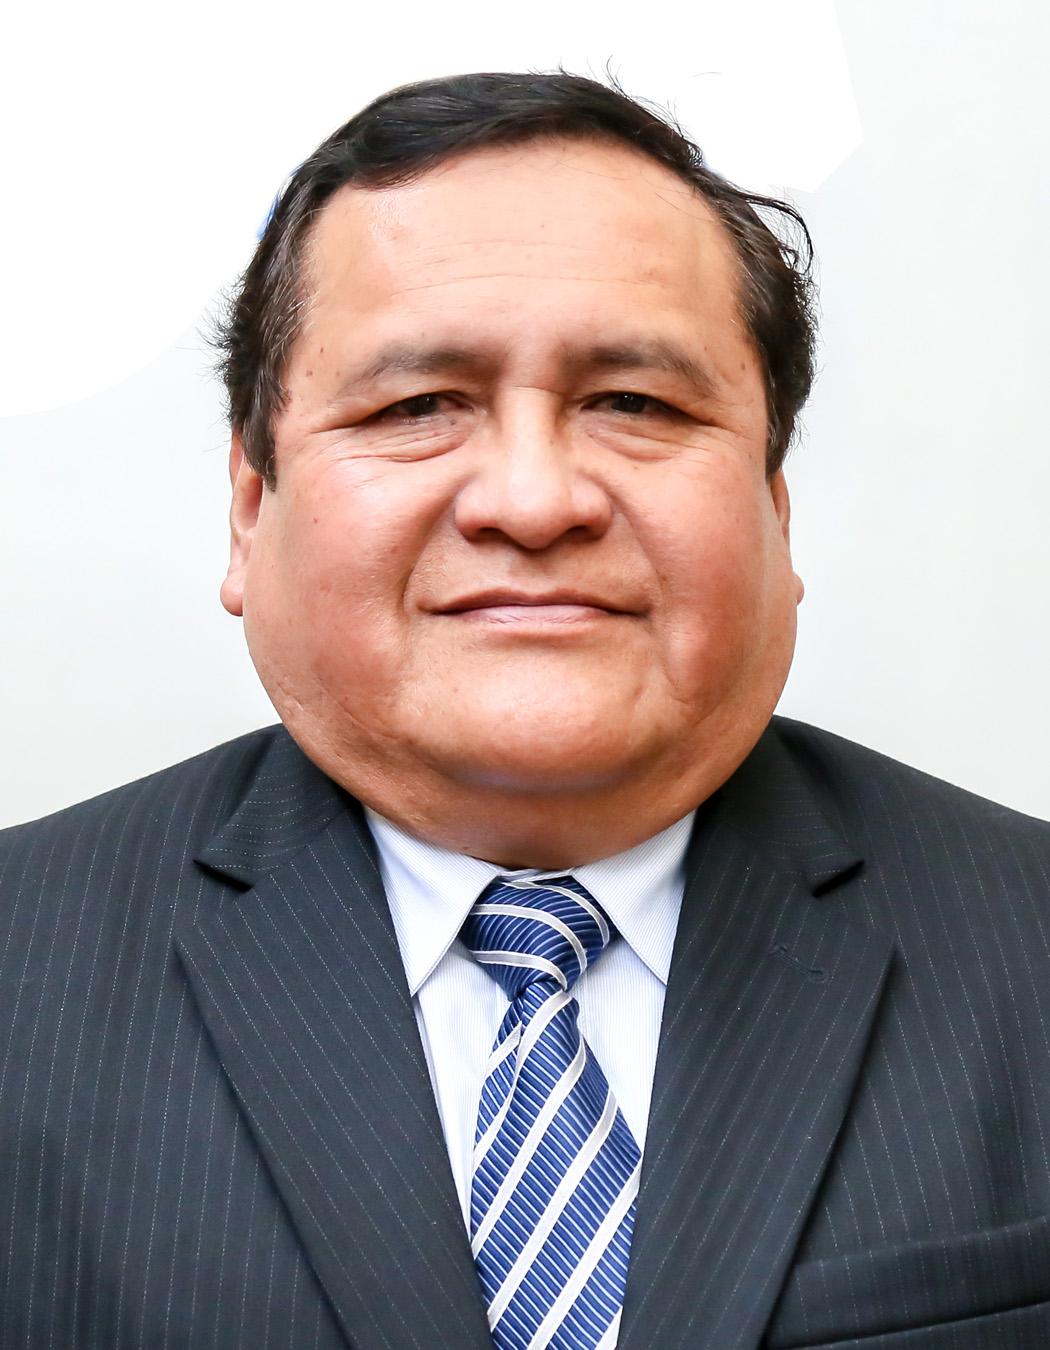 Wilfredo Velito Rivera